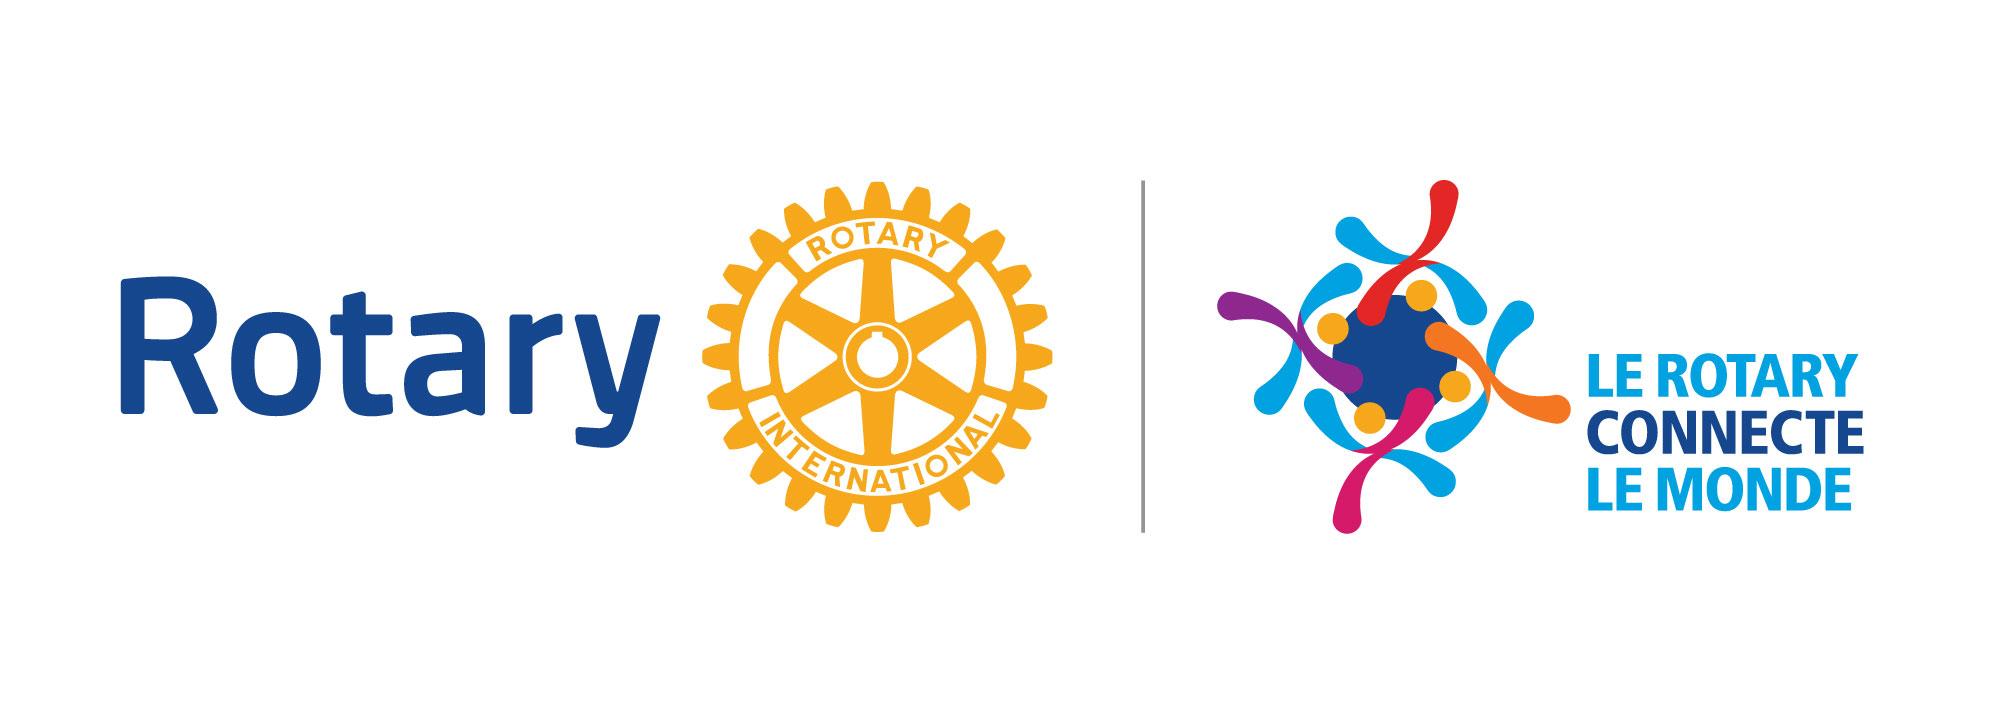 Rotary Club de Montereau – 77